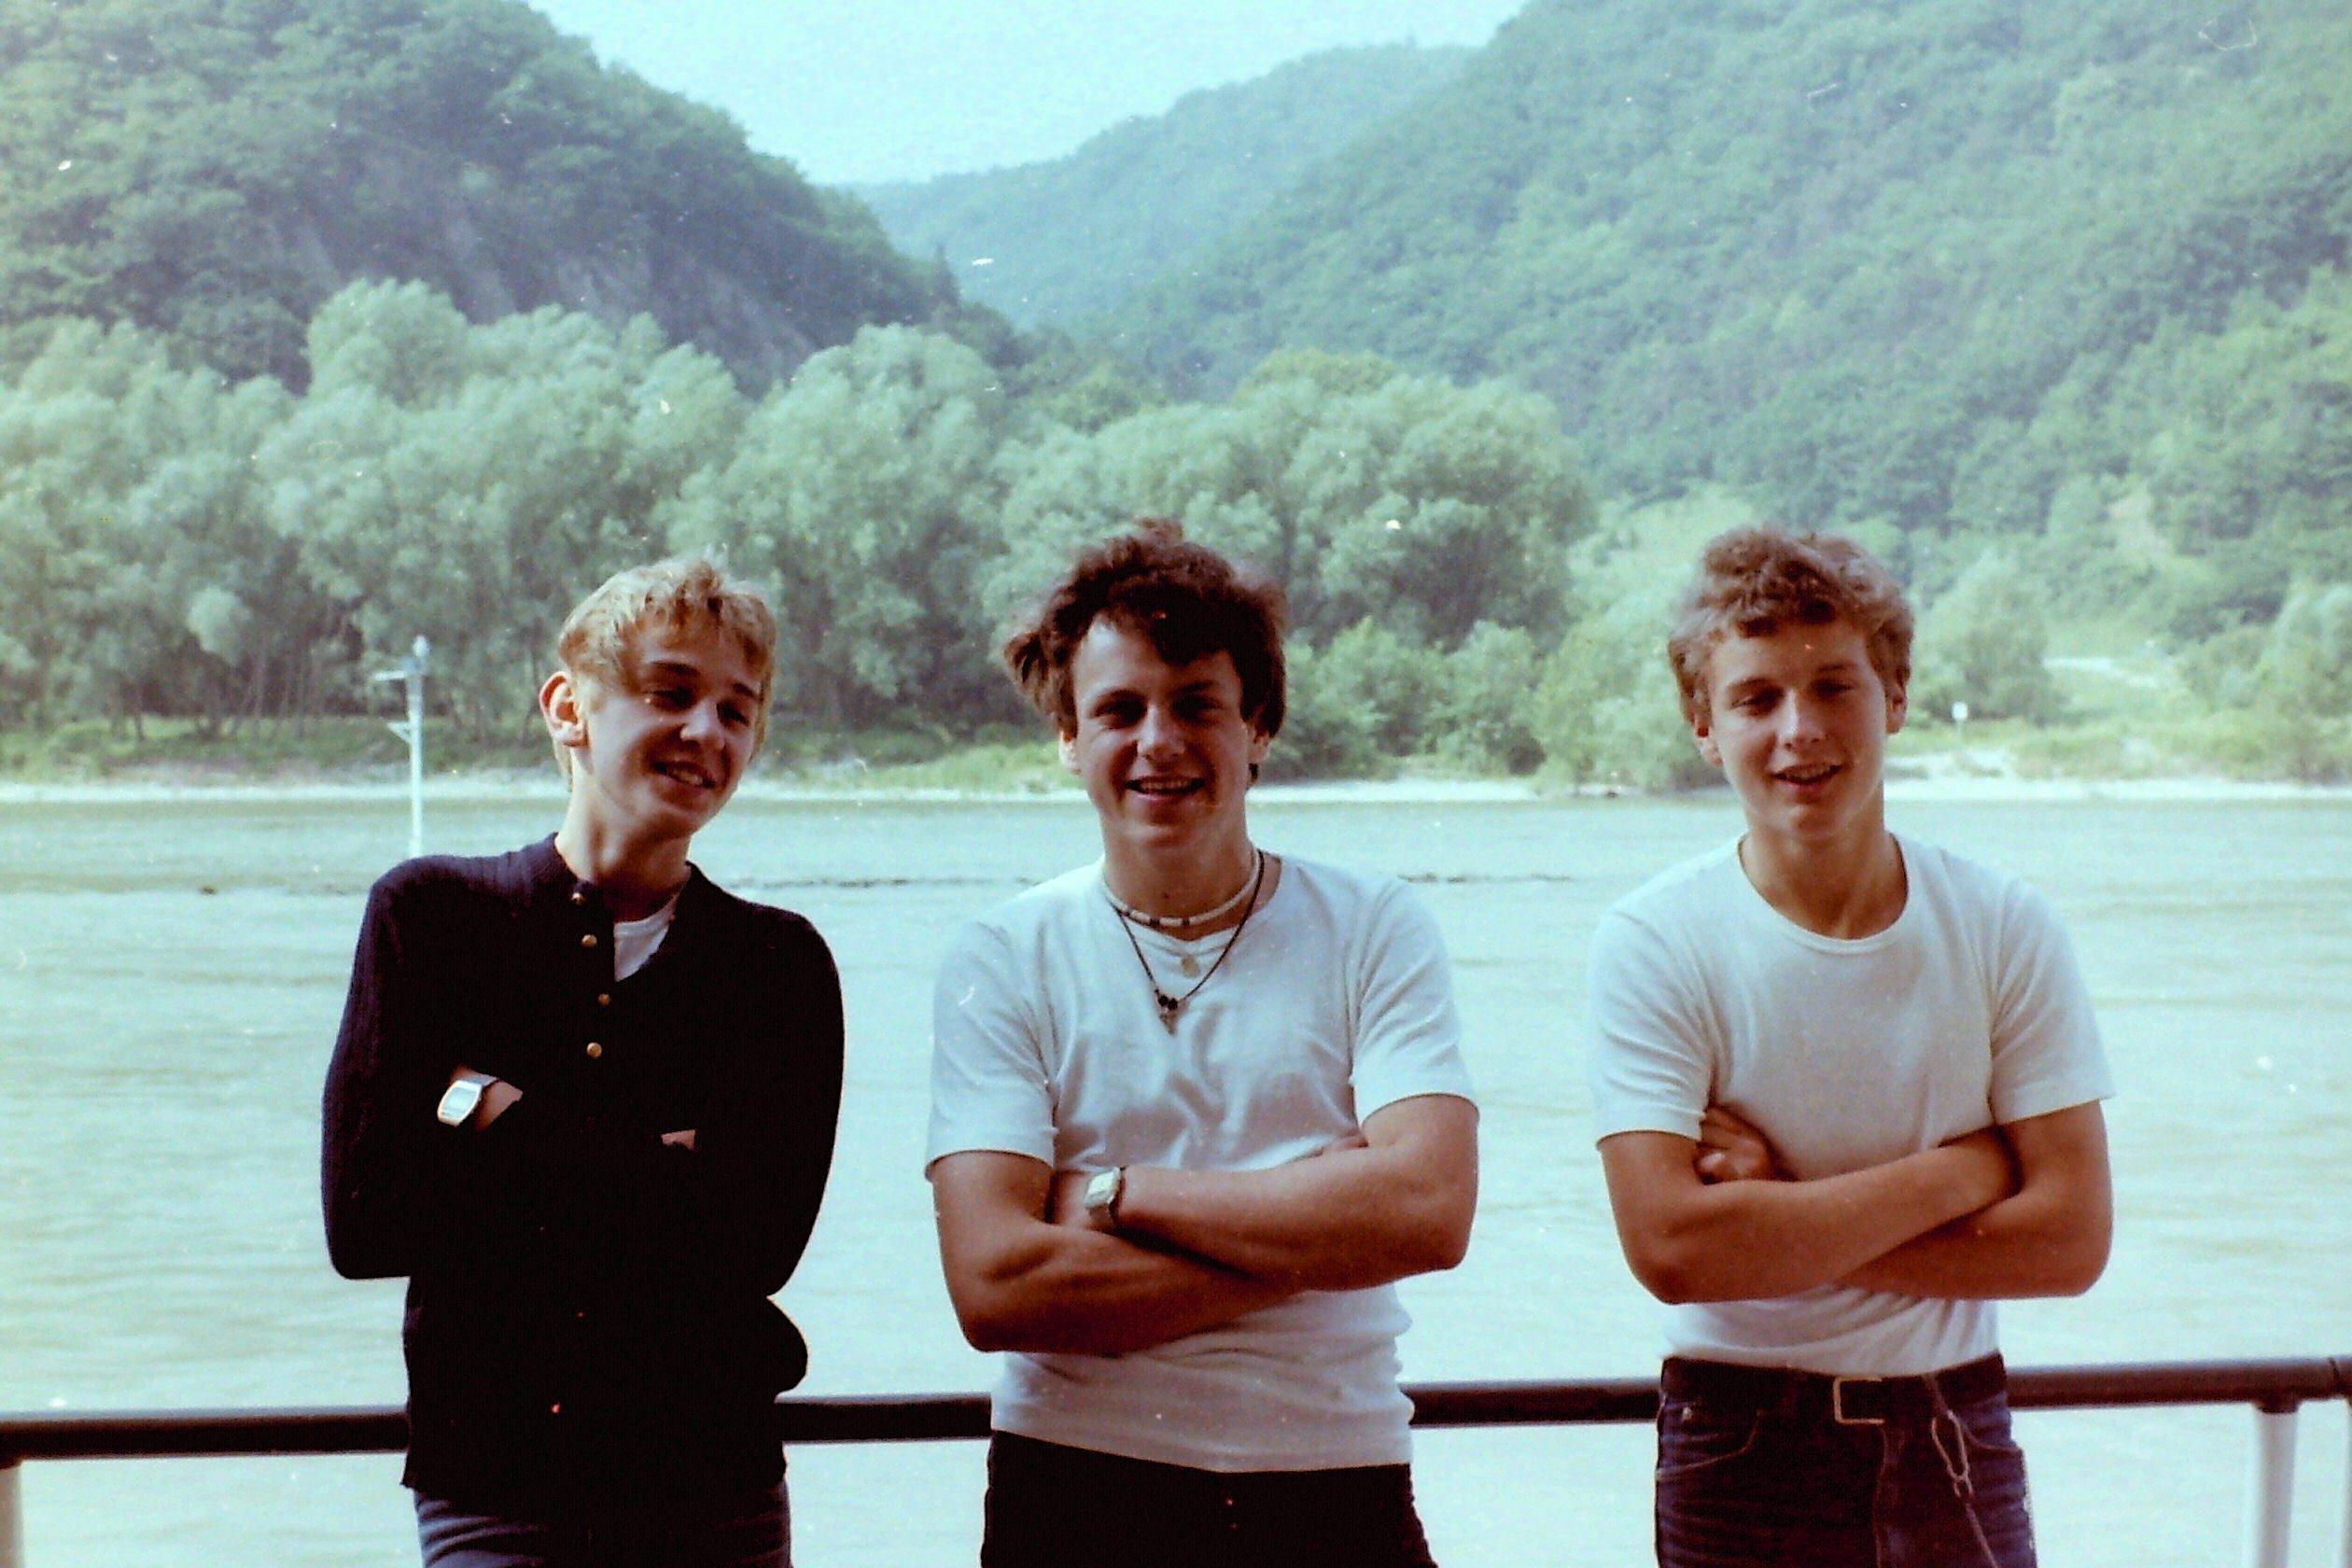 Drei junge Männer in Matrosenkleidung auf einem Schiff.